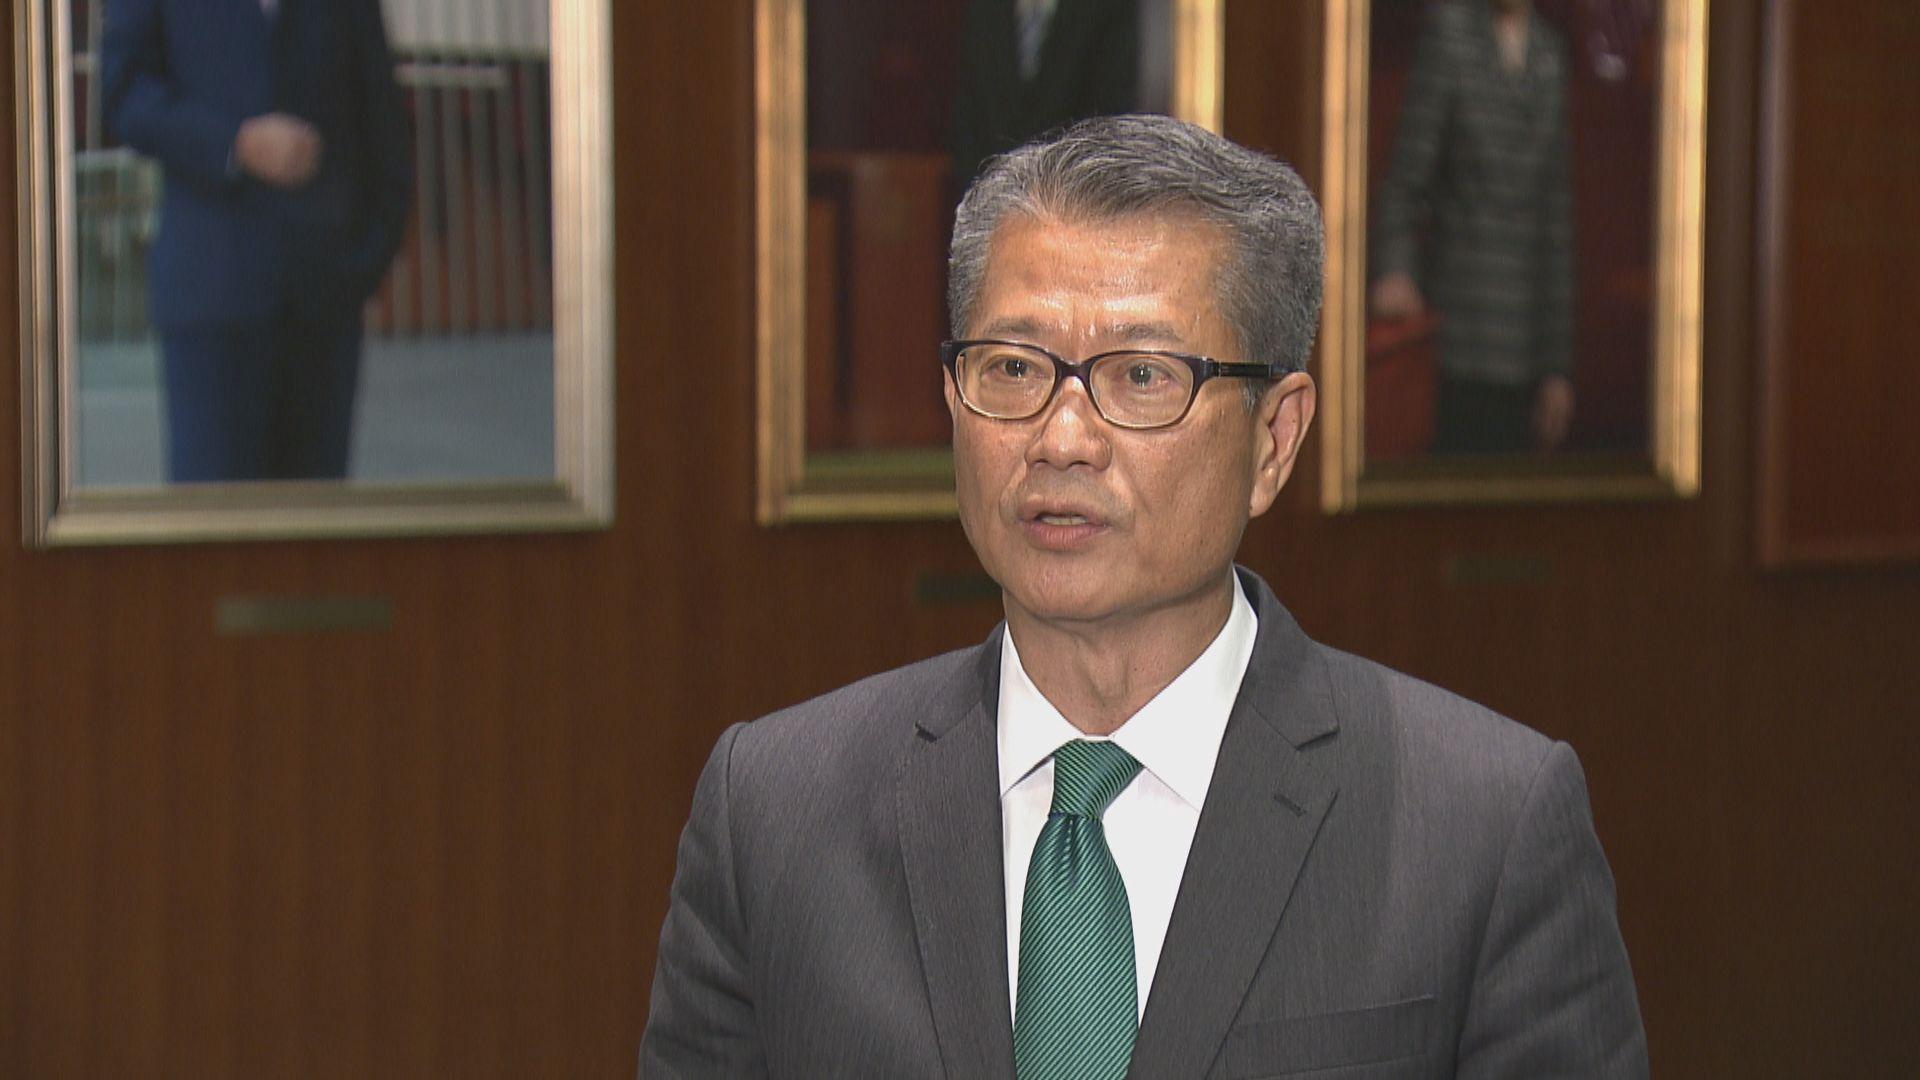 陳茂波:會對未來經濟狀況保持警剔